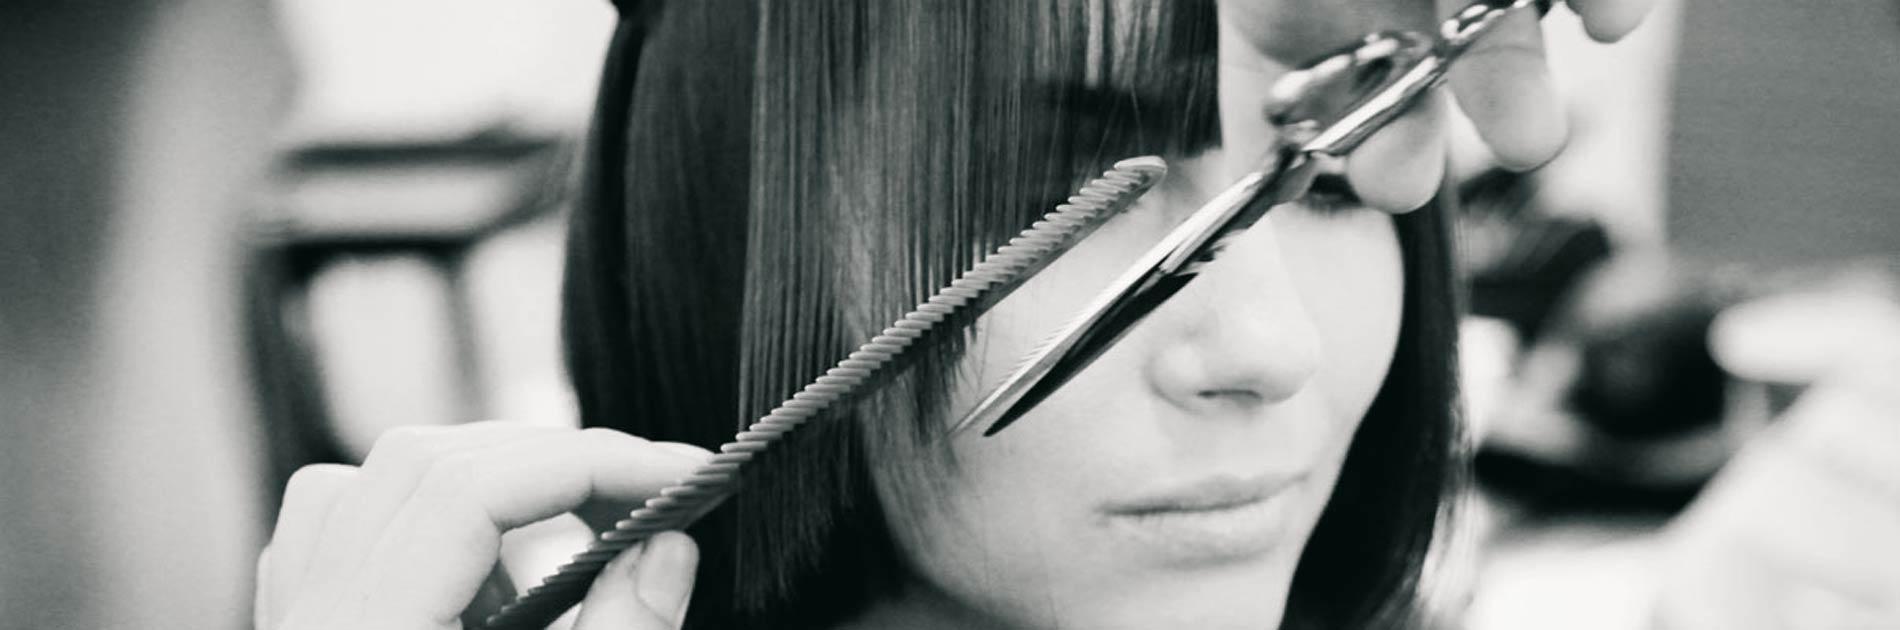 Haarschnitt im Friseursalon Birgit Gmeiner in Bad Ischl